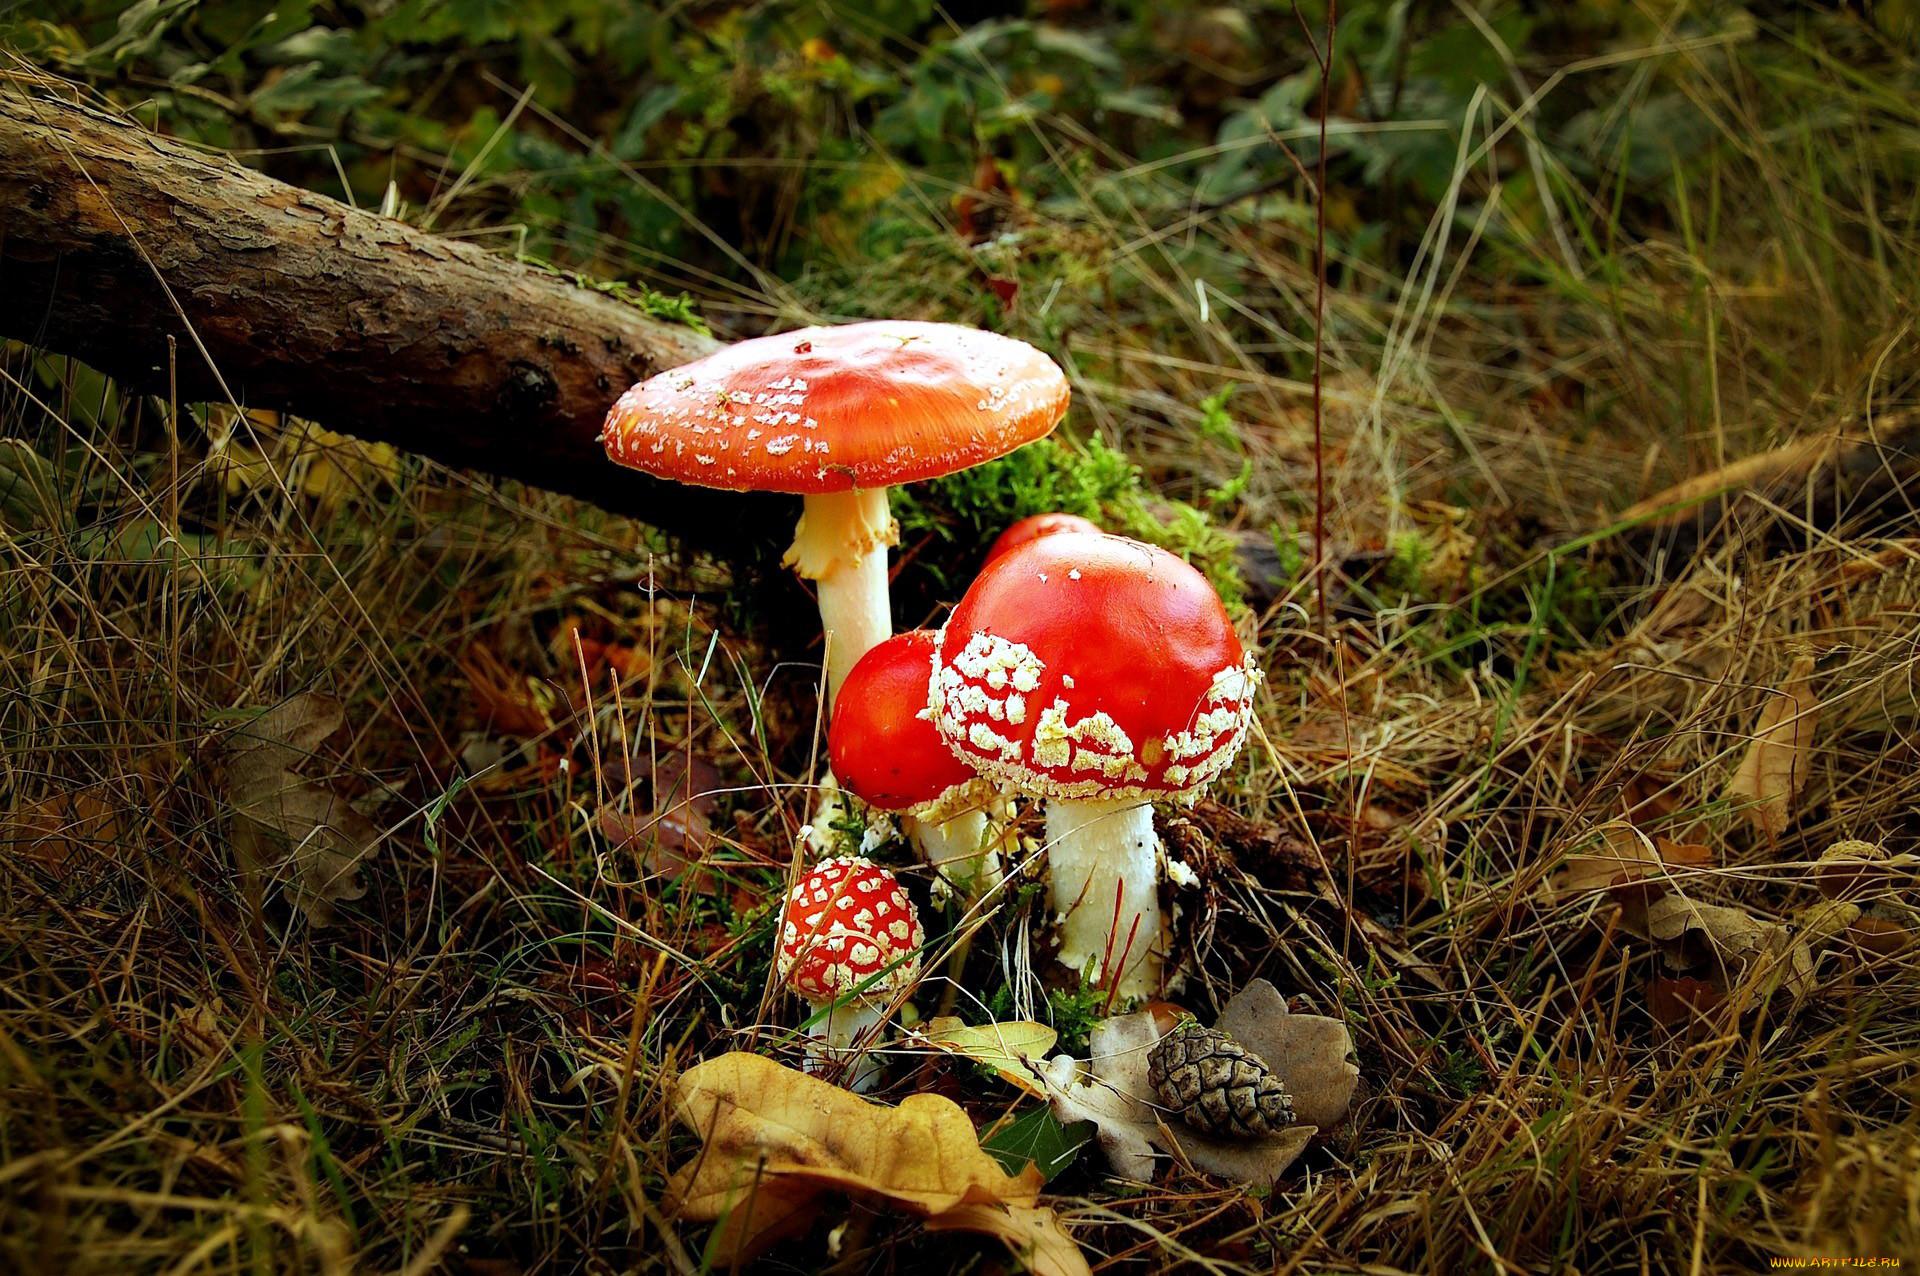 история картинки семейка грибов фотоаппарате нет отвертки